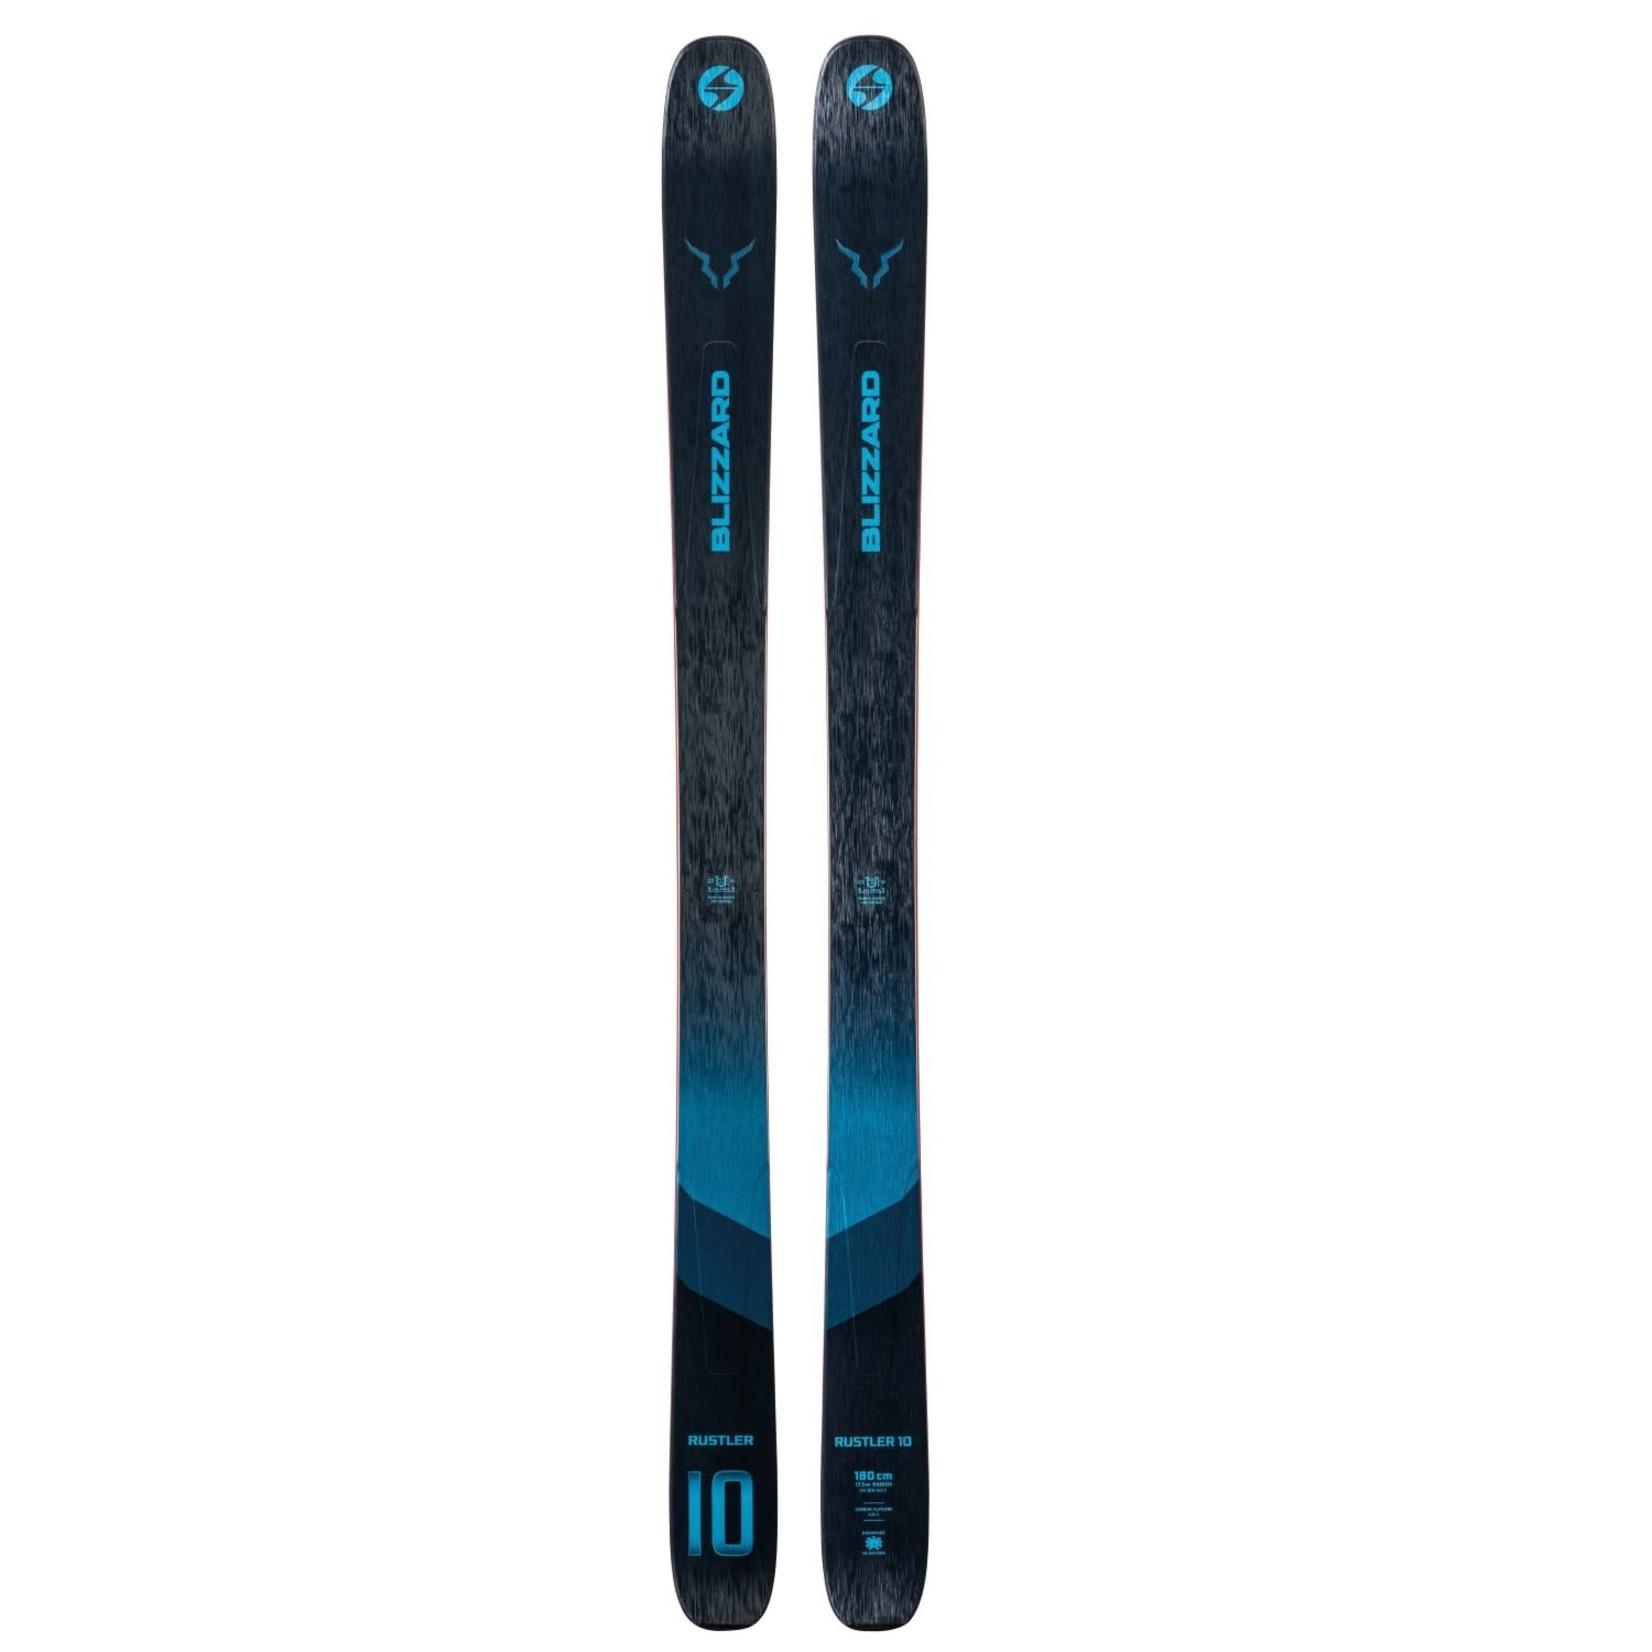 Blizzard Blizzard Rustler 10 Ski